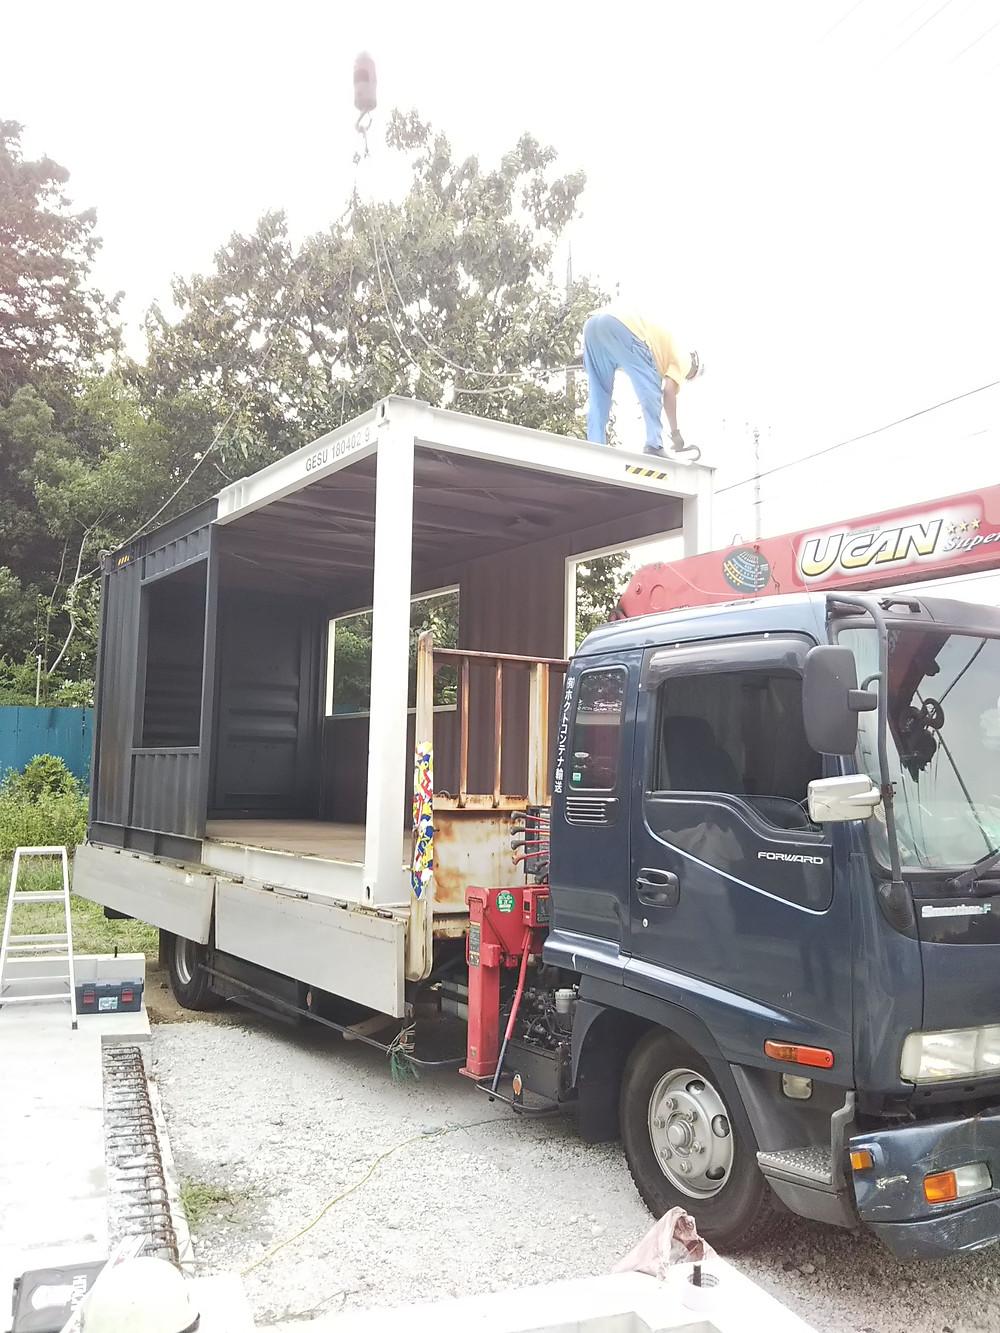 IDMobileコンテナ運搬 トラック搬送、搬入